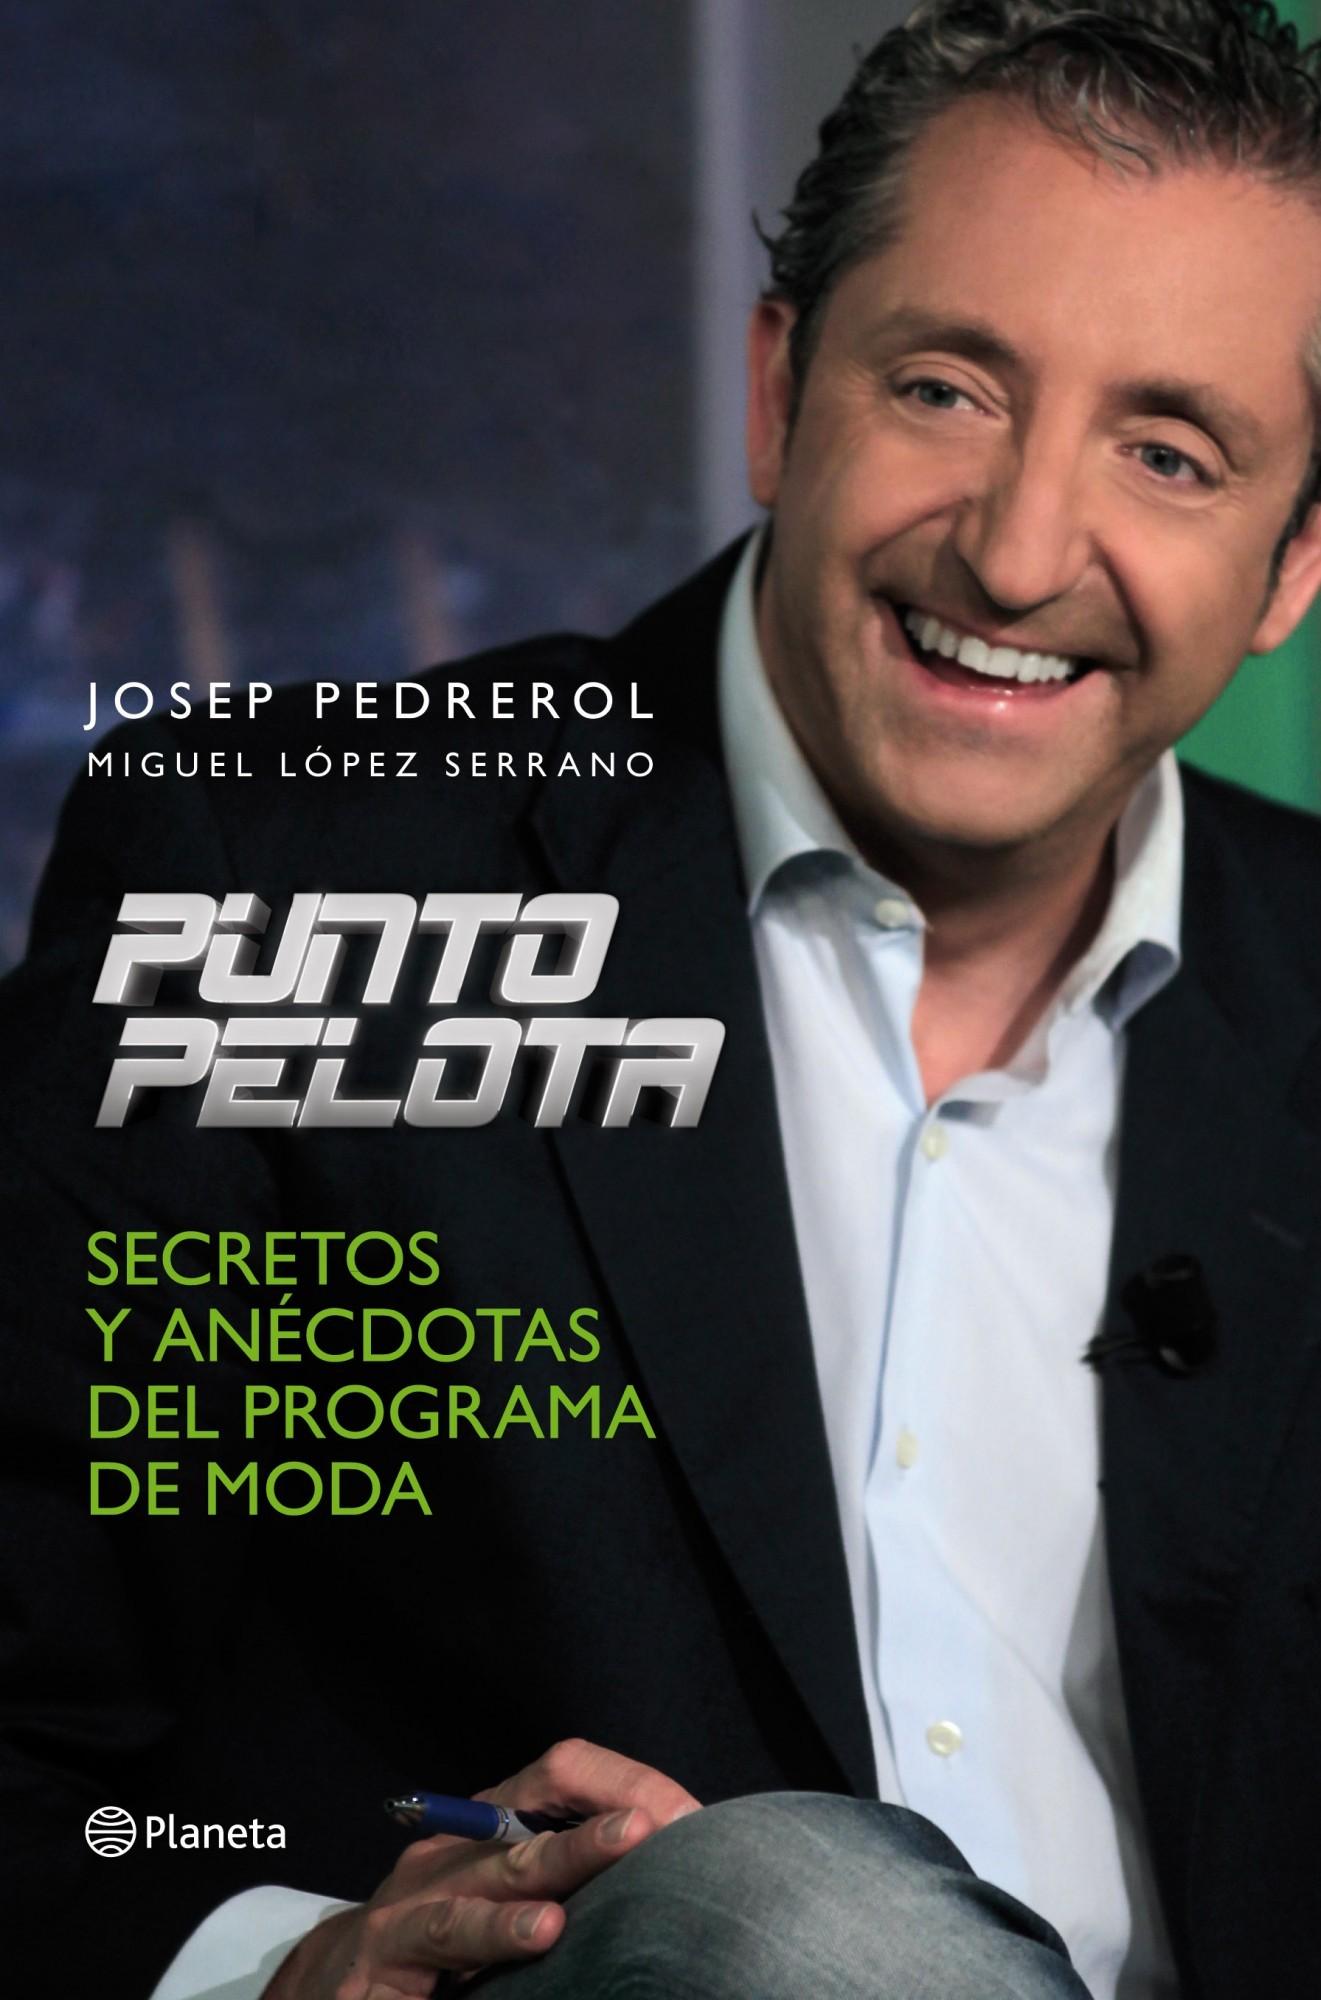 PUNTO PELOTA: SECRETOS Y ANÉCDOTAS DEL PROGRAMA DE MODA